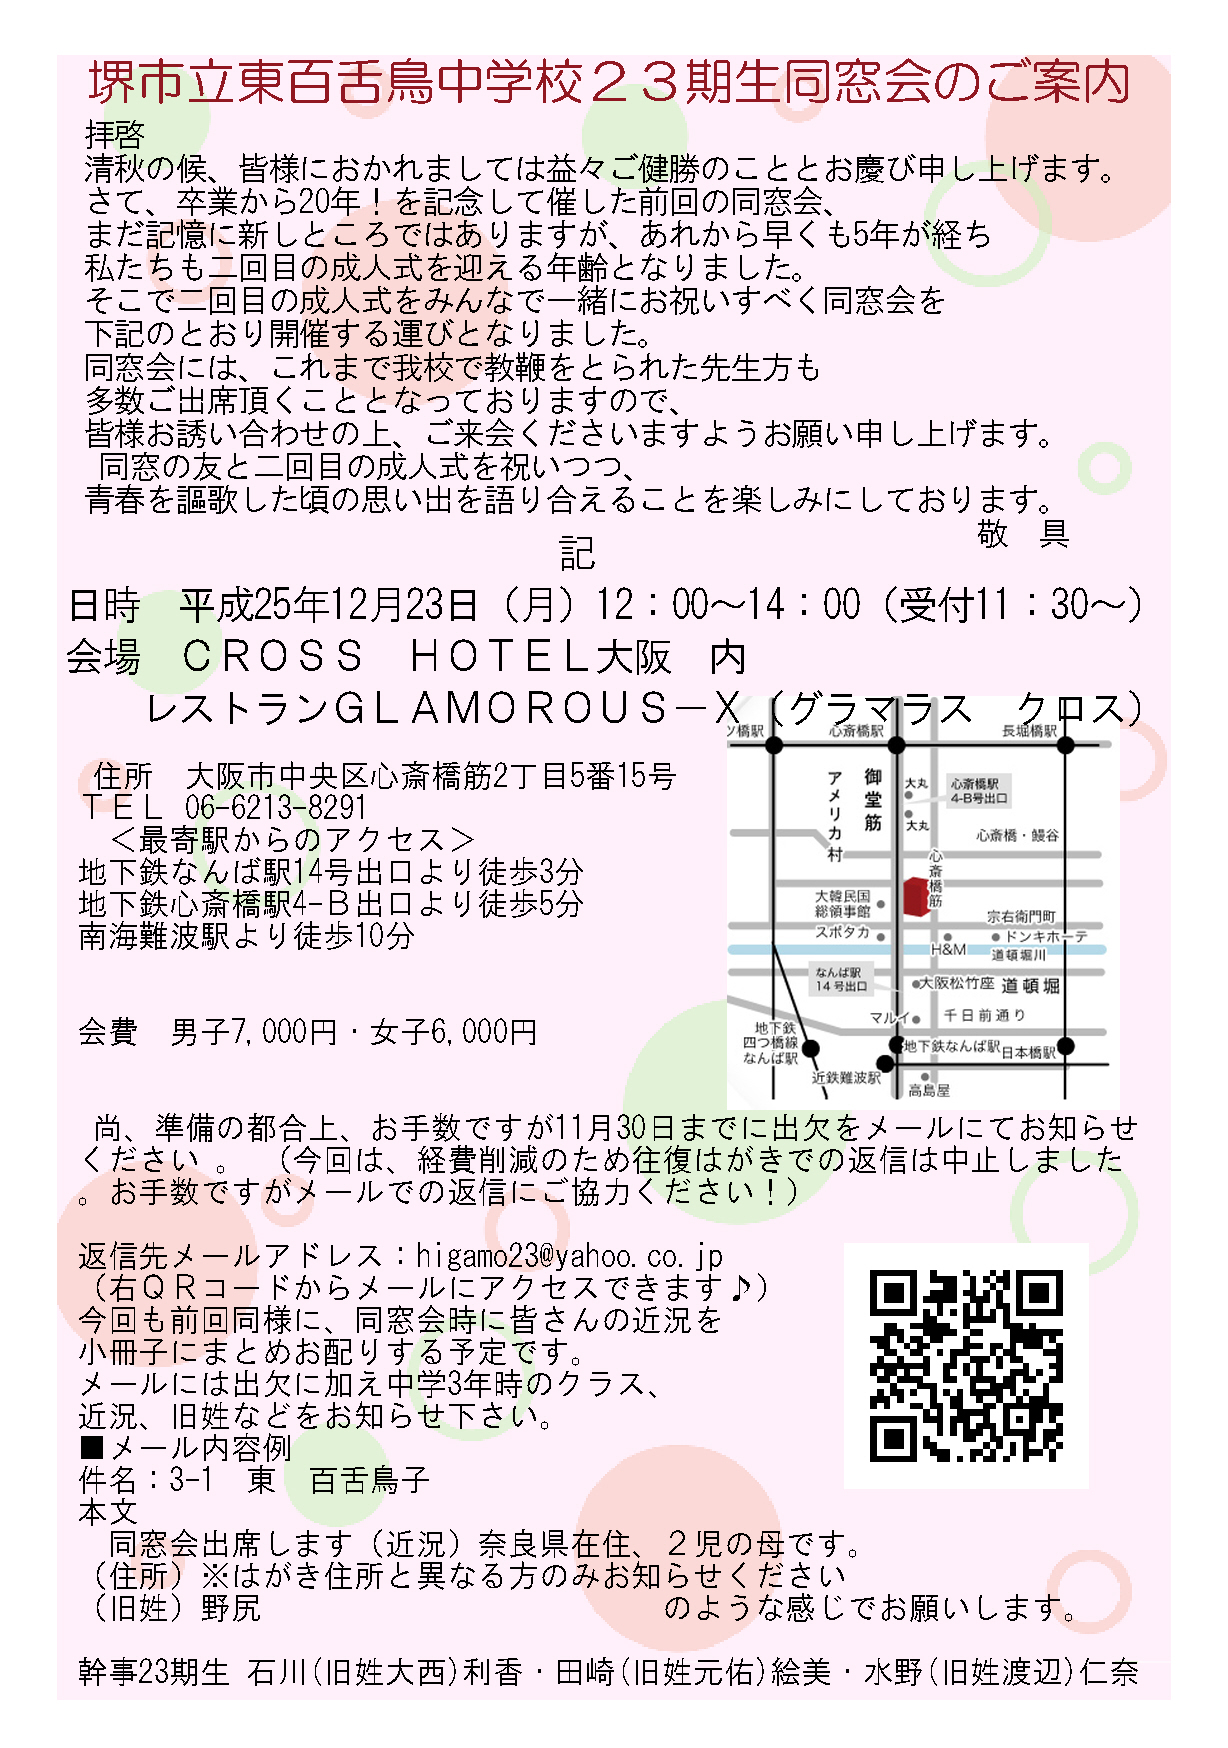 ヒガモ23同窓会 2013!決定!